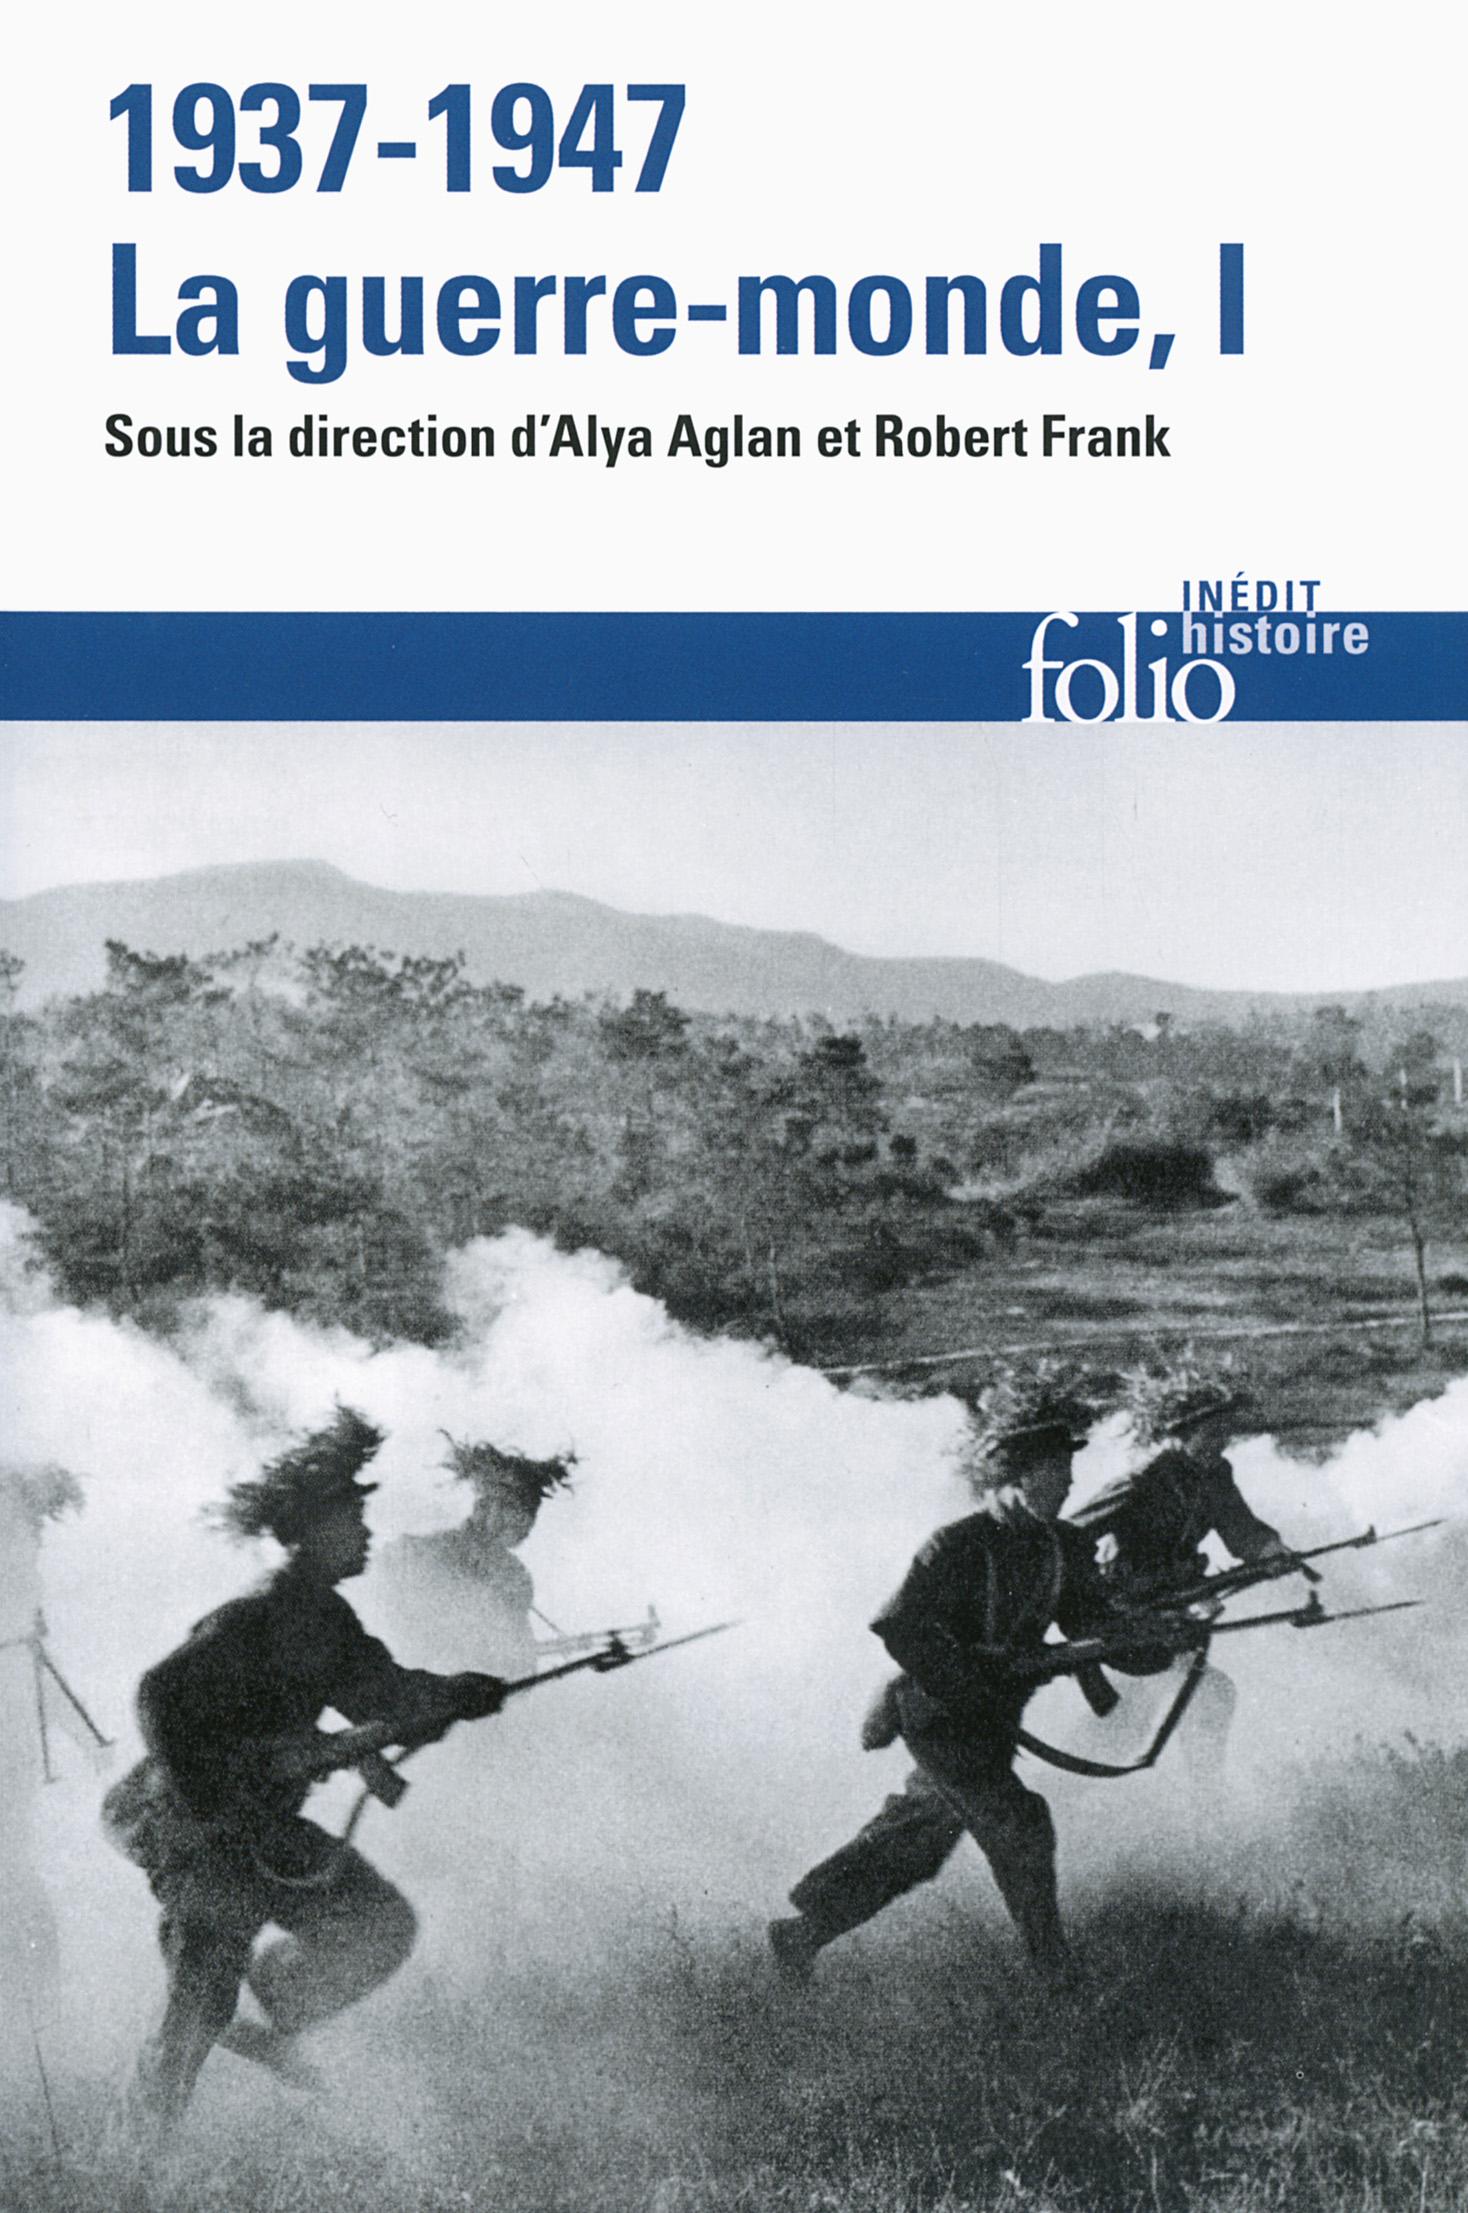 1937-1947 : la guerre-monde (Tome 1)